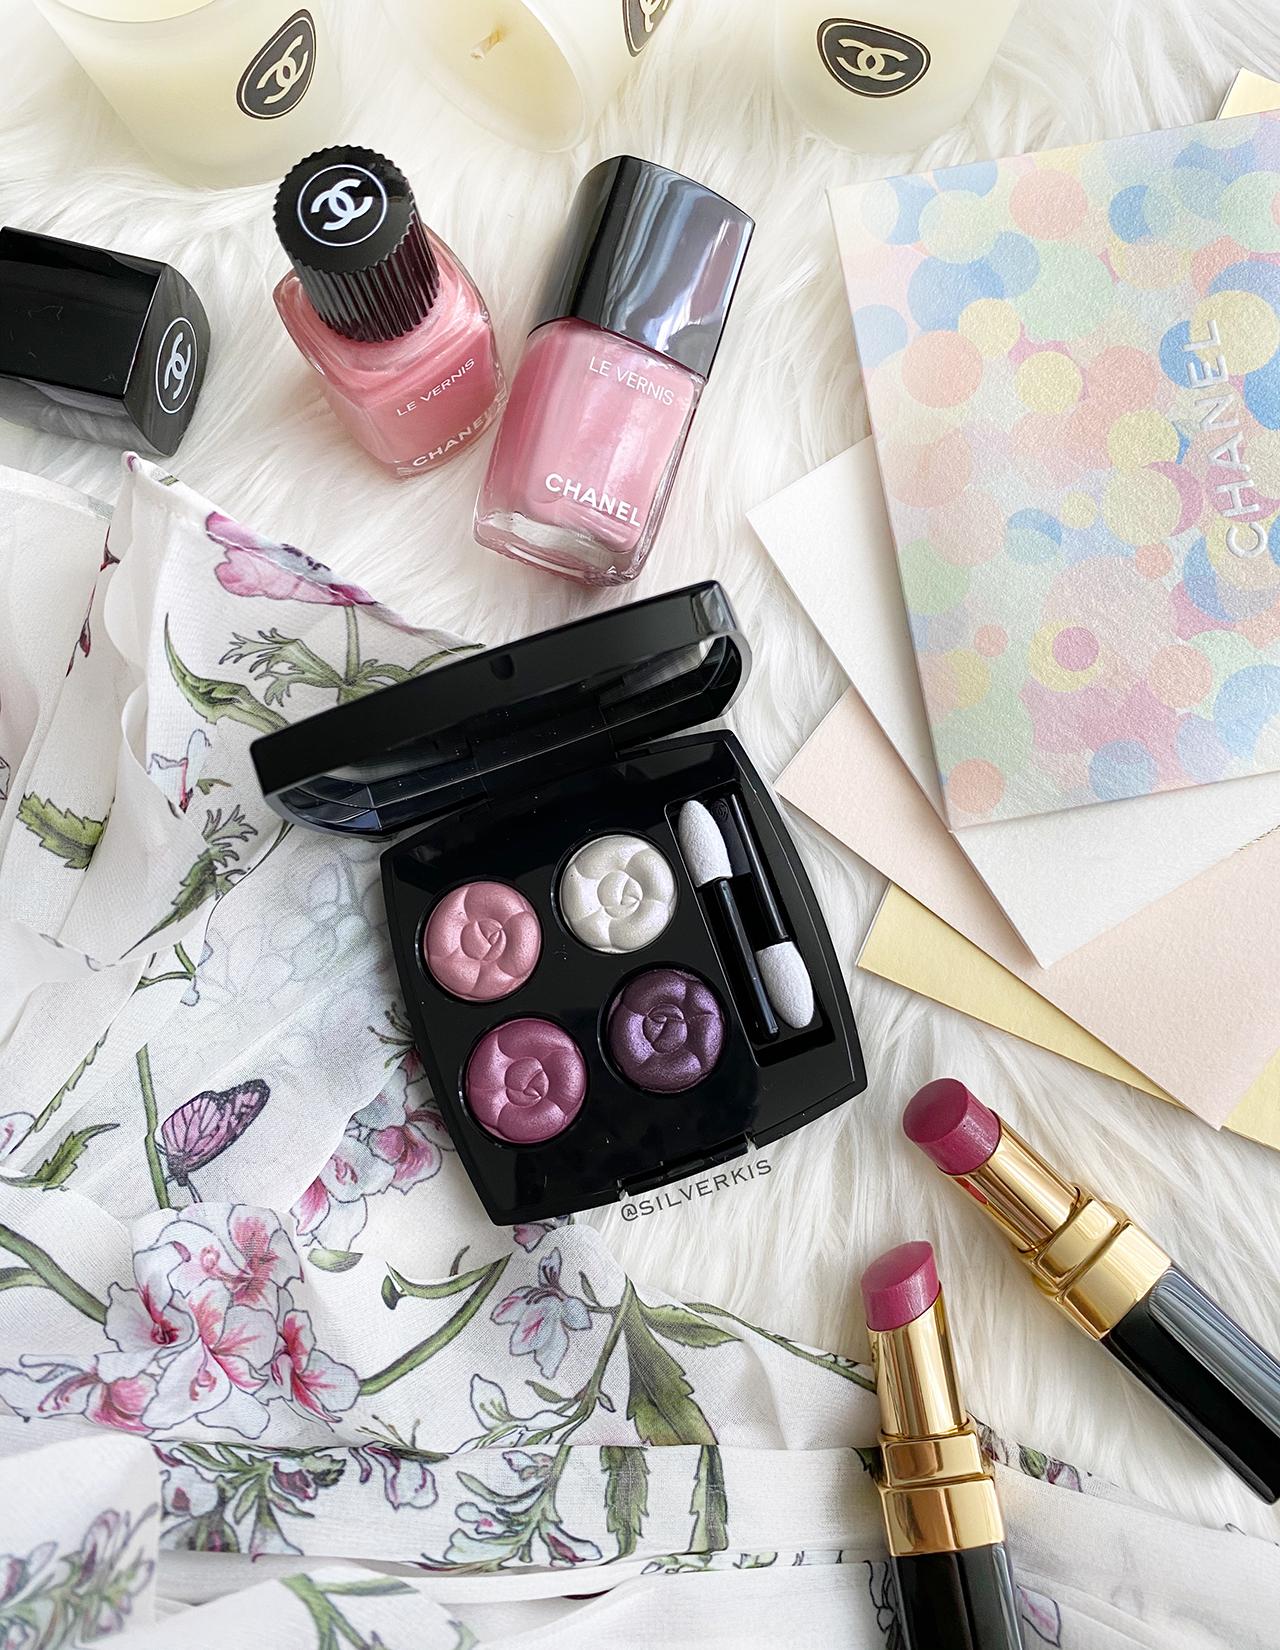 Chanel Les 4 Ombres Au Fil des Fleurs